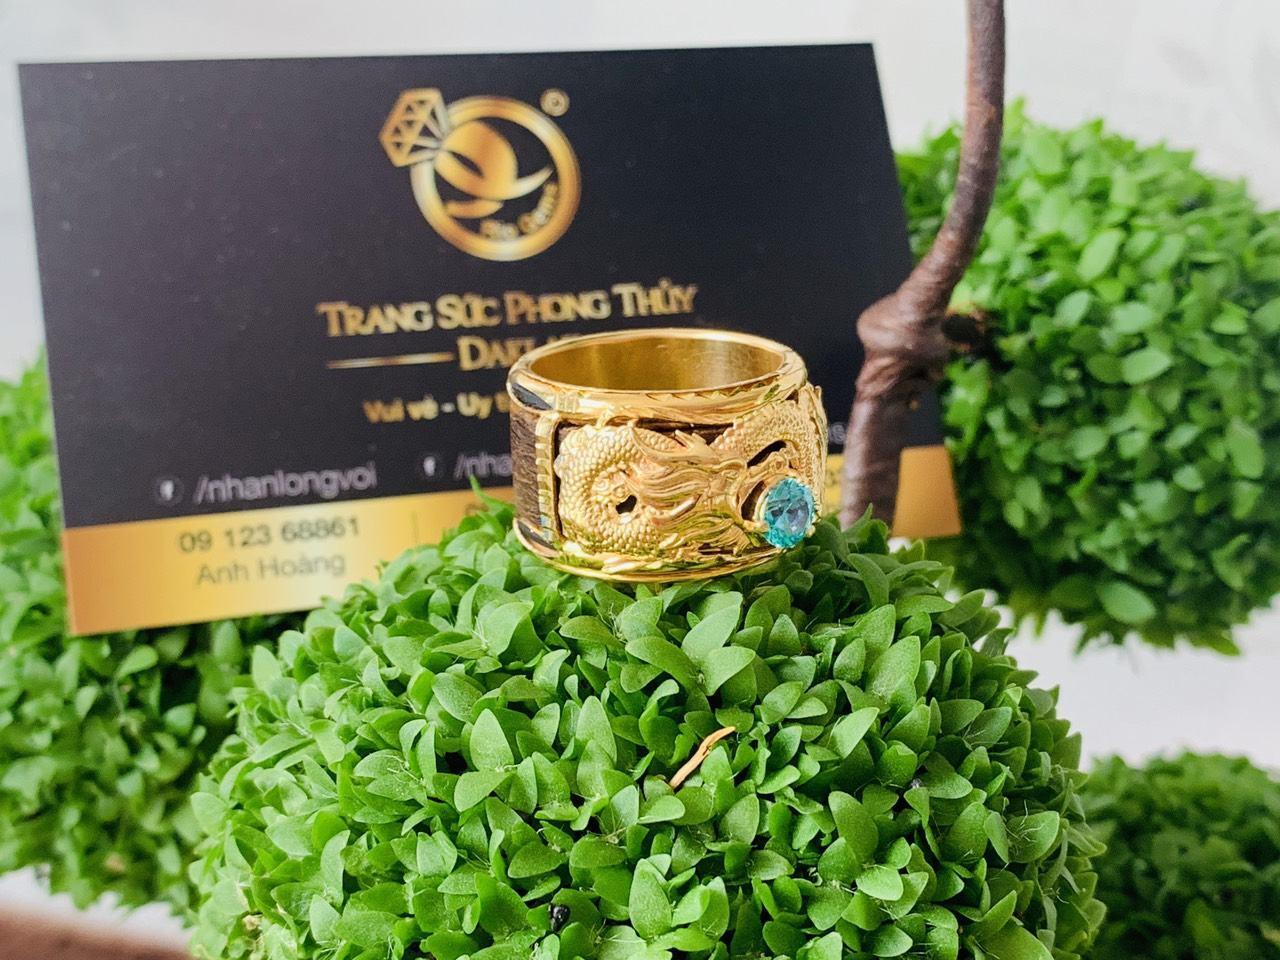 Nhẫn trầm hương bọc rồng cuộn ngang